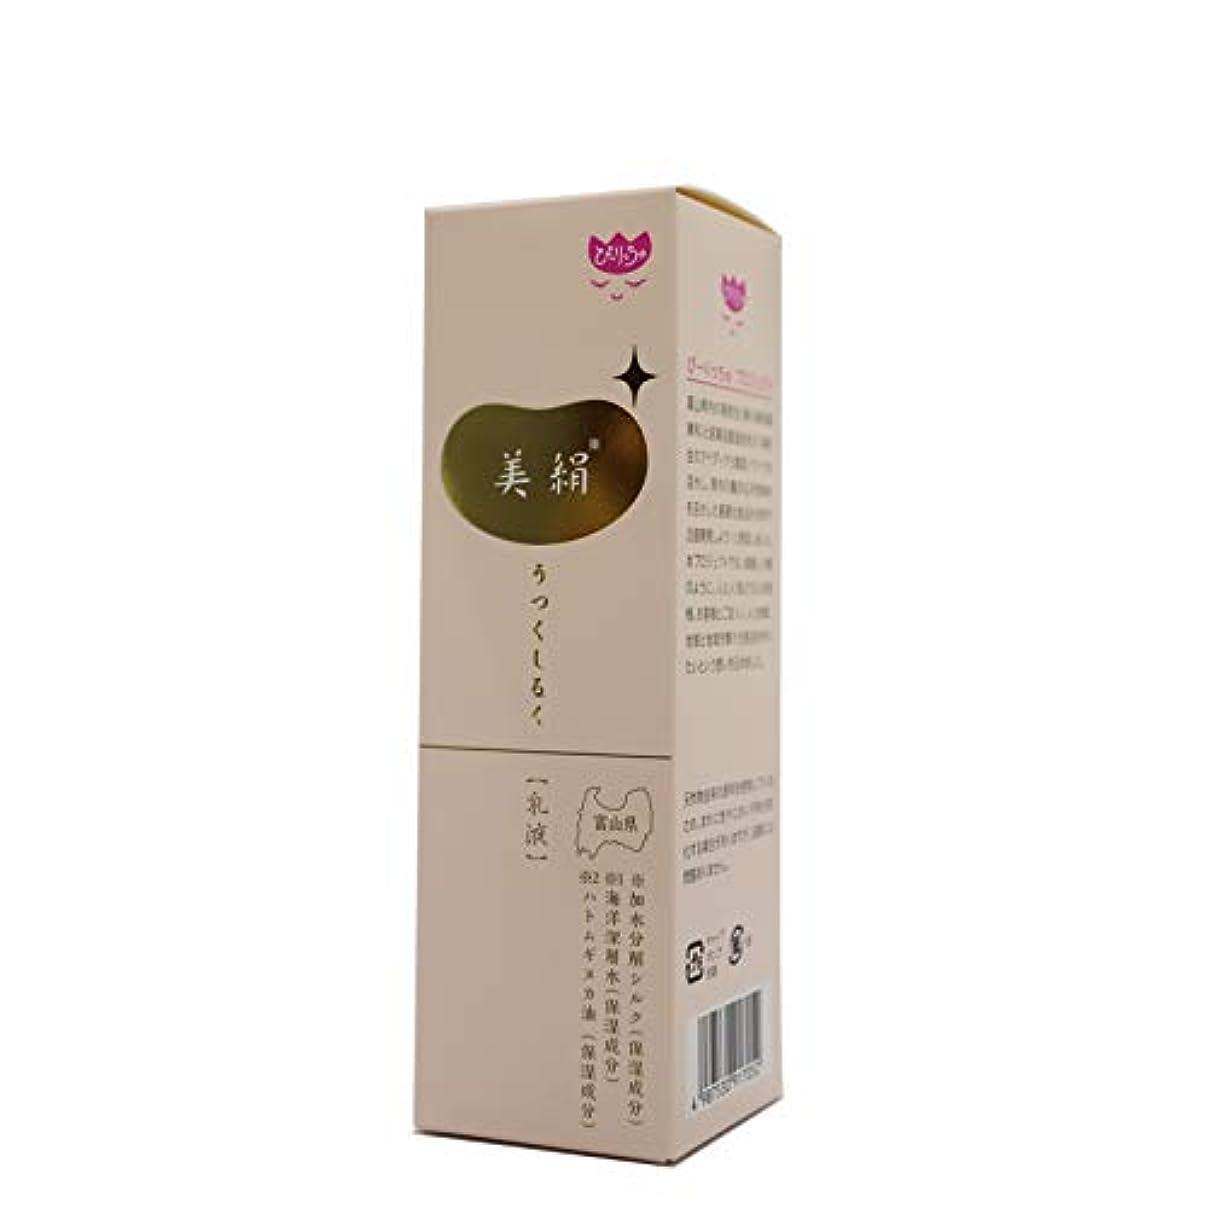 不十分なパキスタンスイング美絹(うつくしるく)乳液 加水分解シルク?海洋深層水?ハトムギヌカ油配合 80ml